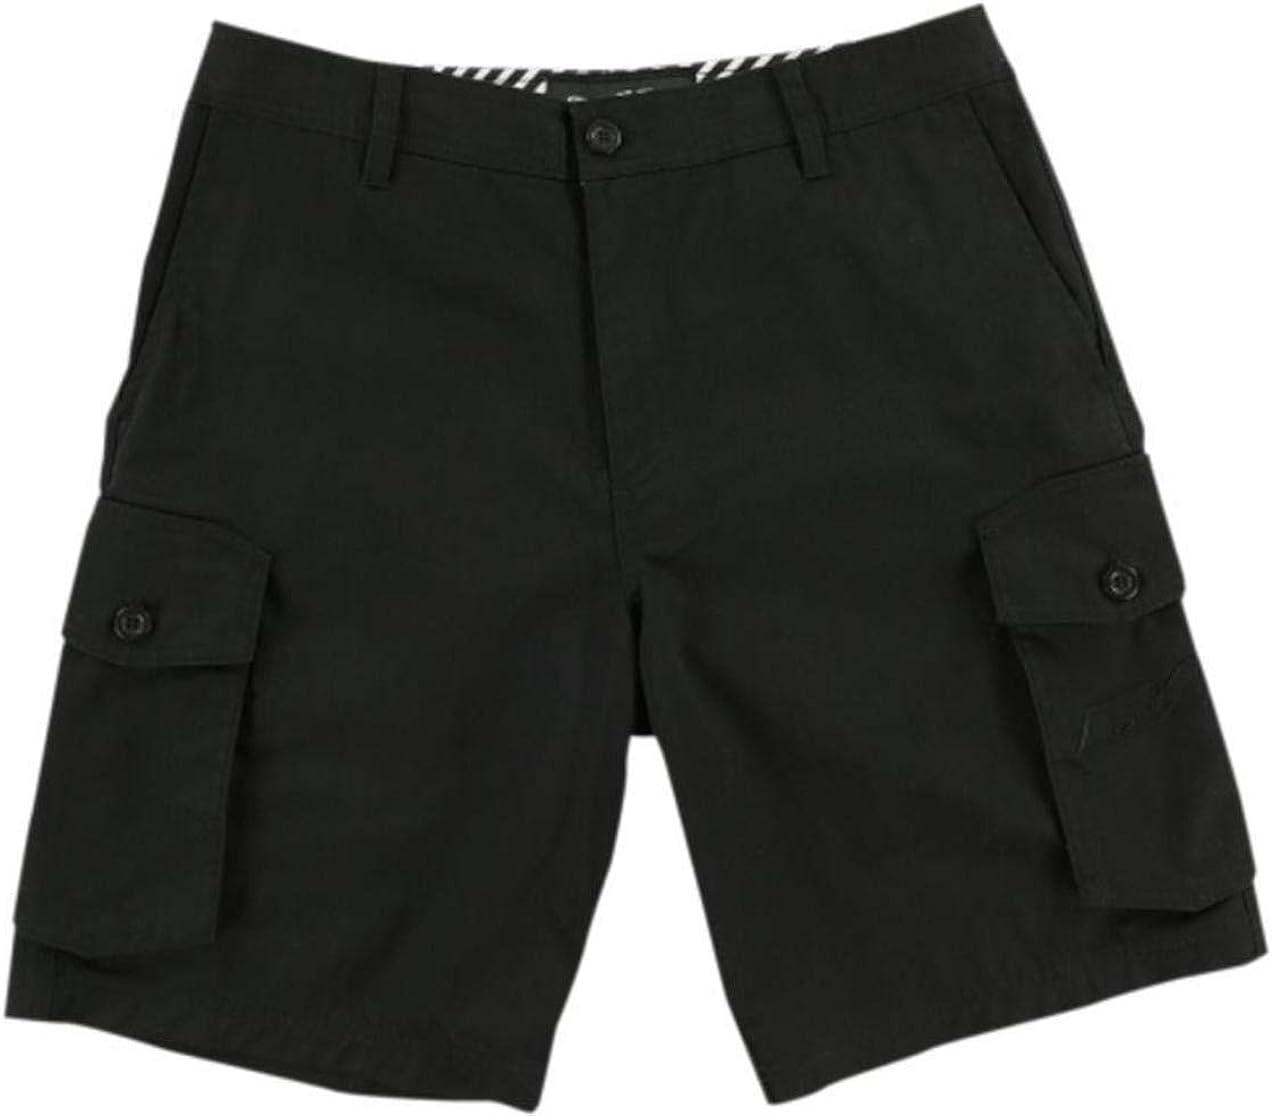 FMF Men's Angler Cargo Short